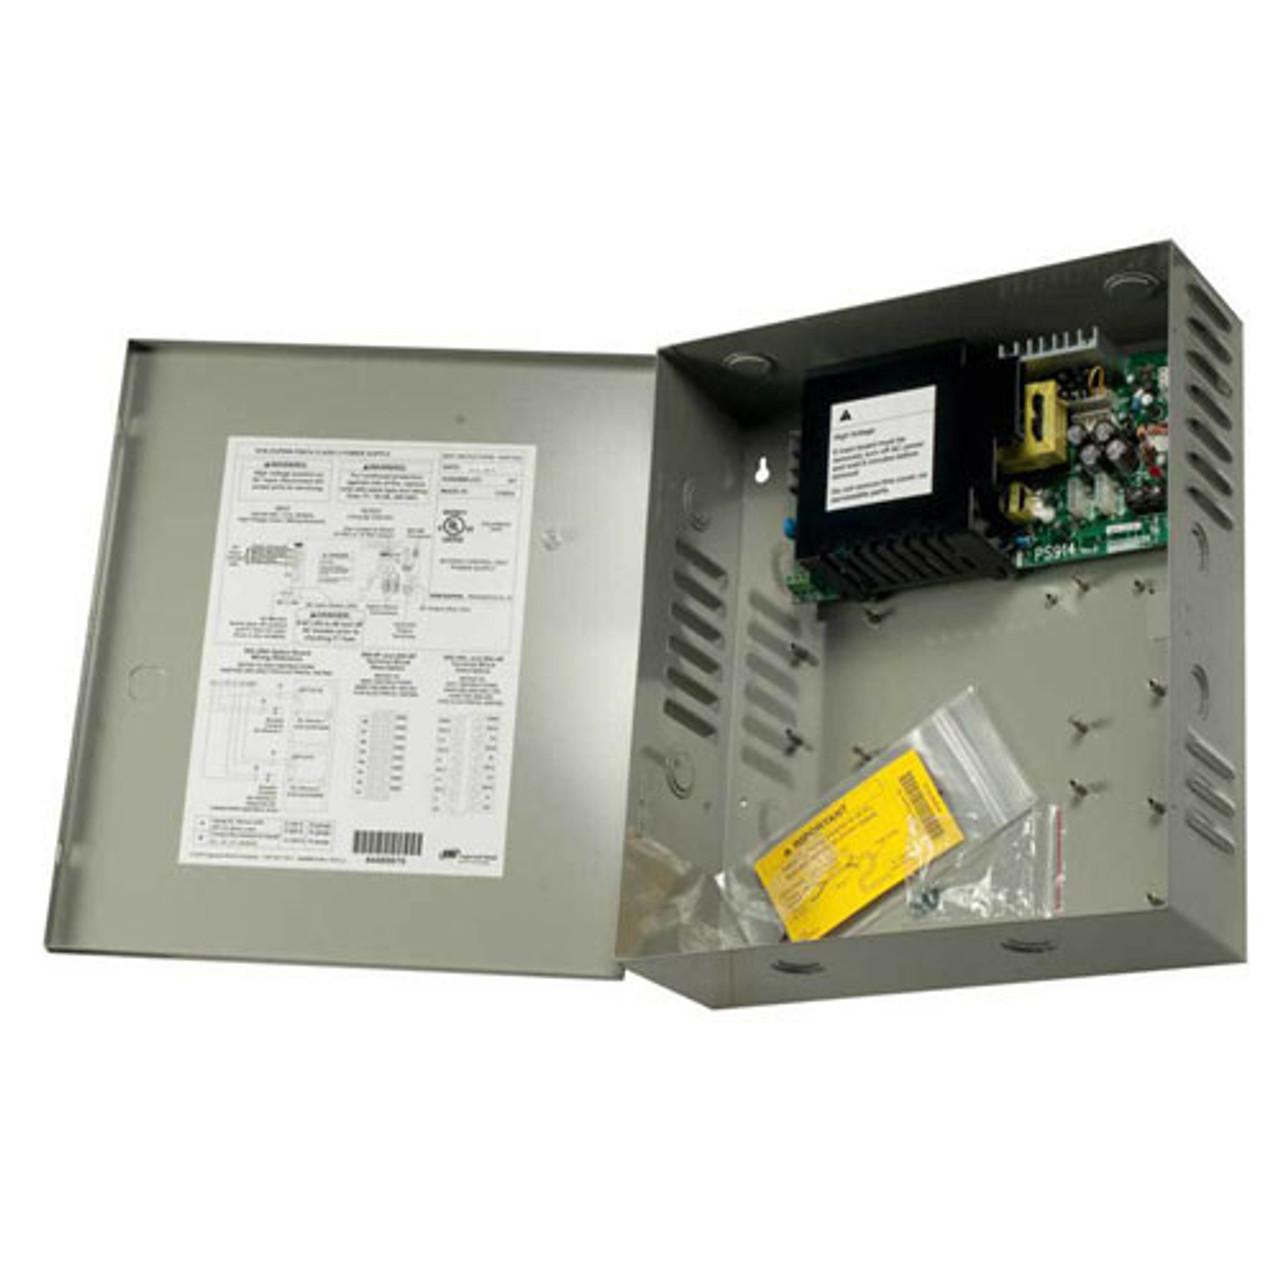 medium resolution of ps914 von duprin power supply lock depot incps914 wiring diagram 9